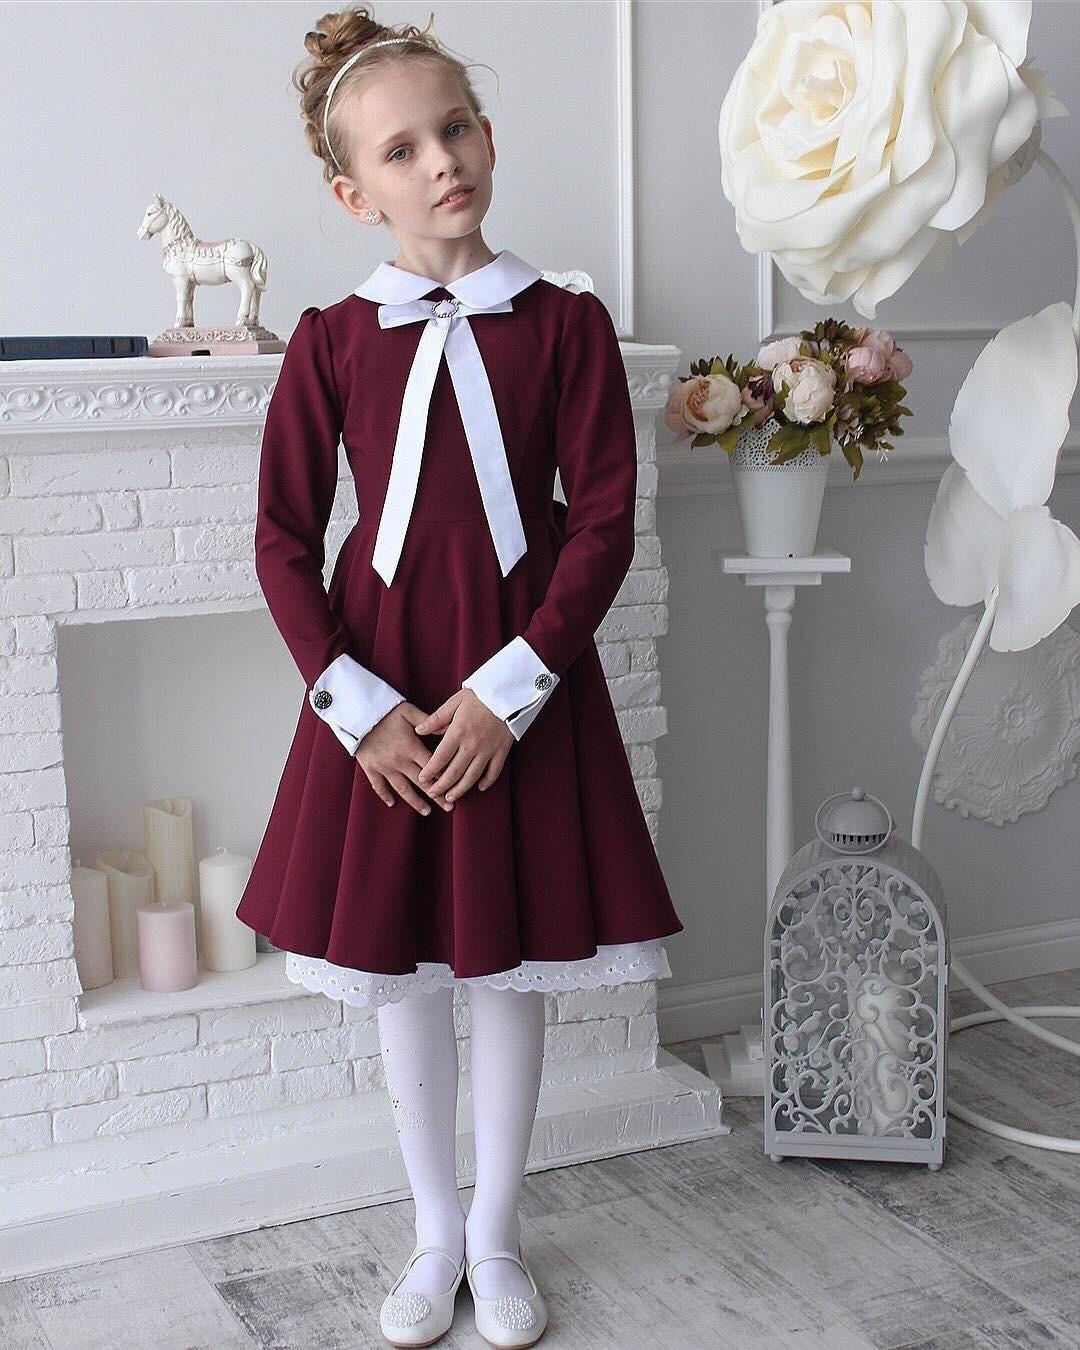 А вот втаком платье юная модница сможет отправиться наважное торжественное мероприятие: будь то праздничная линейка, школьный концерт или награждение победителей вконкурсе осенних поде...